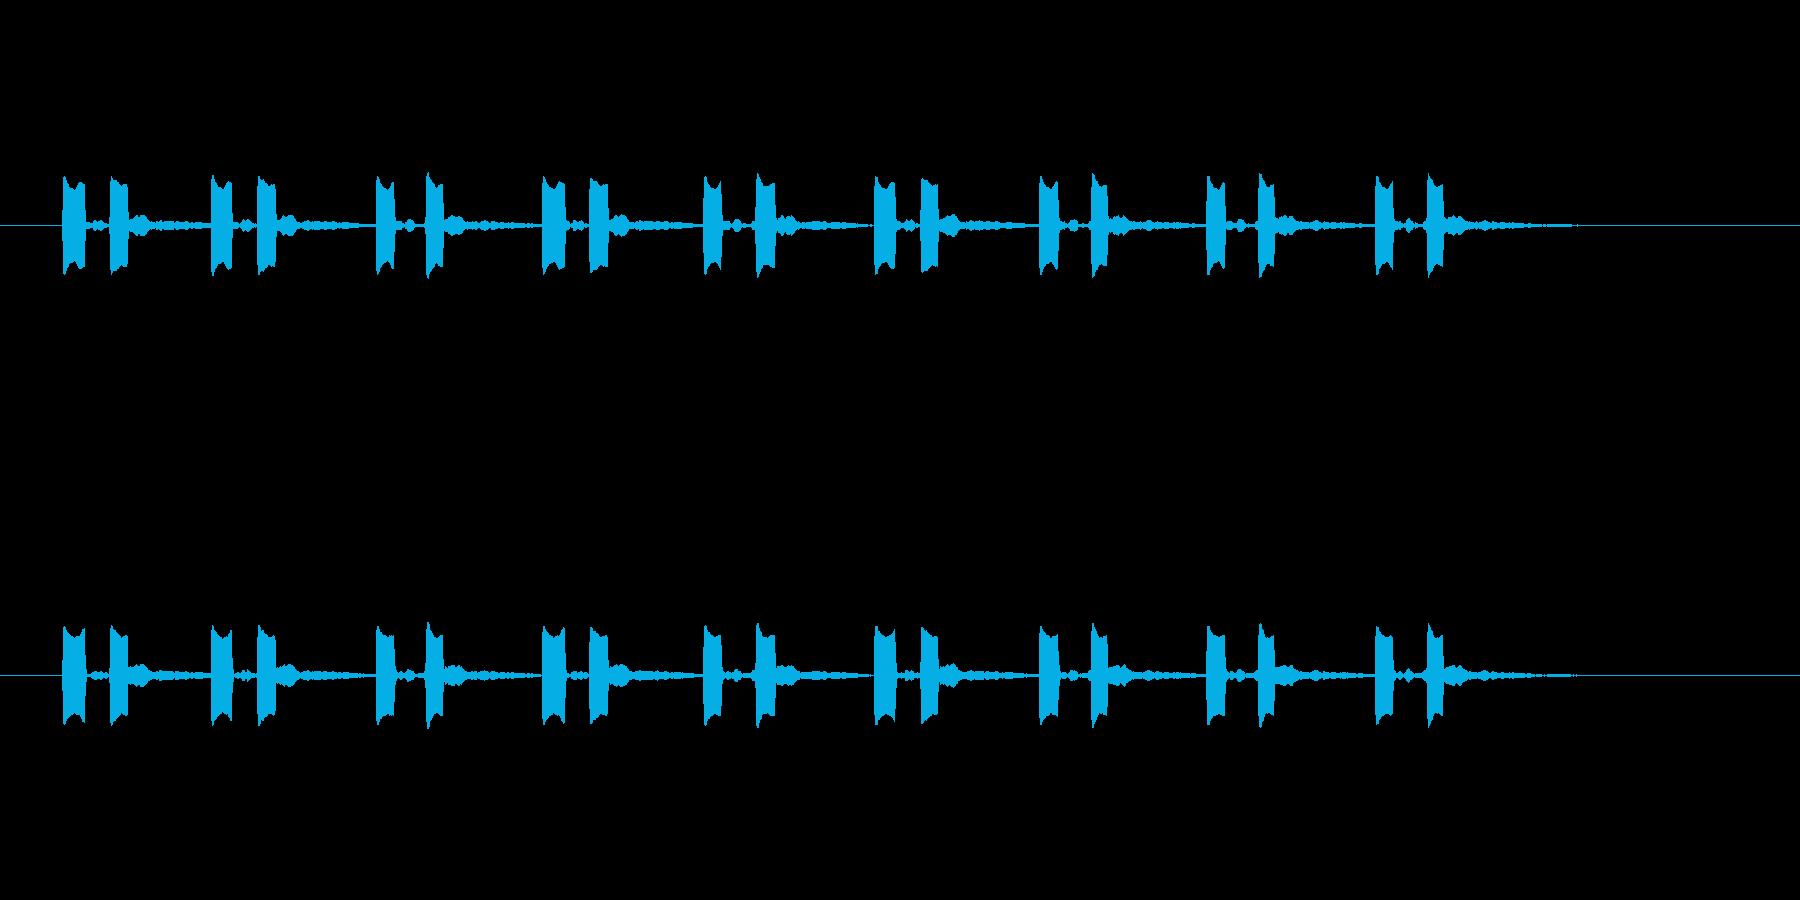 8回のポッポの再生済みの波形